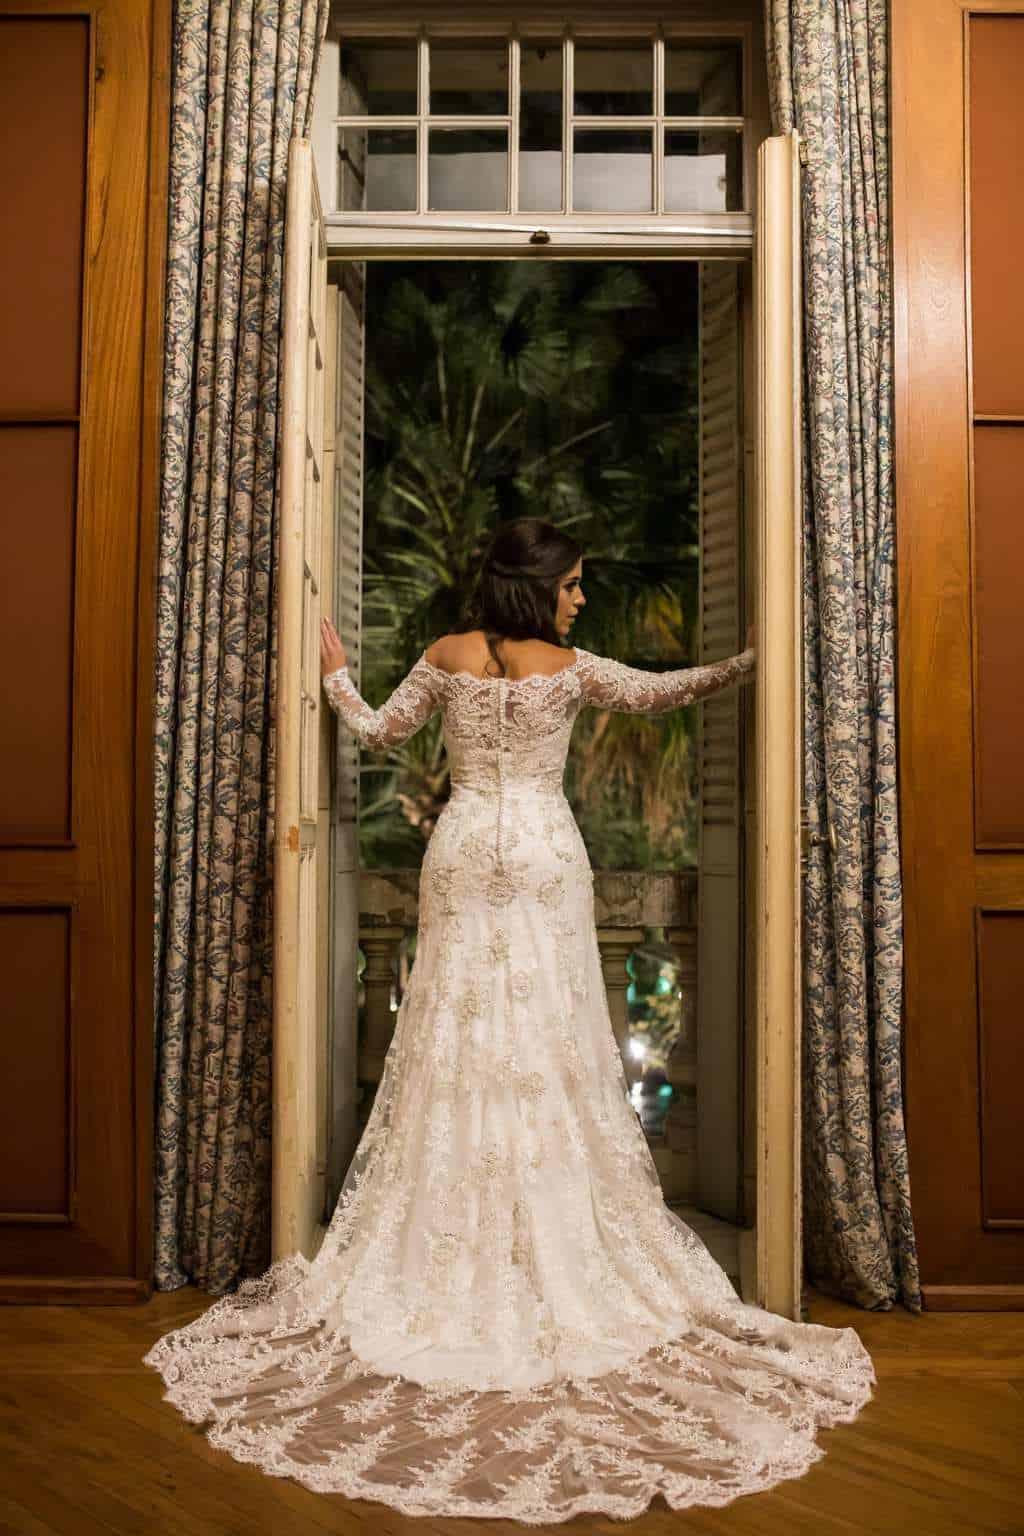 casamento-fernanda-e-leandro-casamento-sp-Fotografia-Produtora-7-casamento-clássico-casamento-tradicional-wedding-11